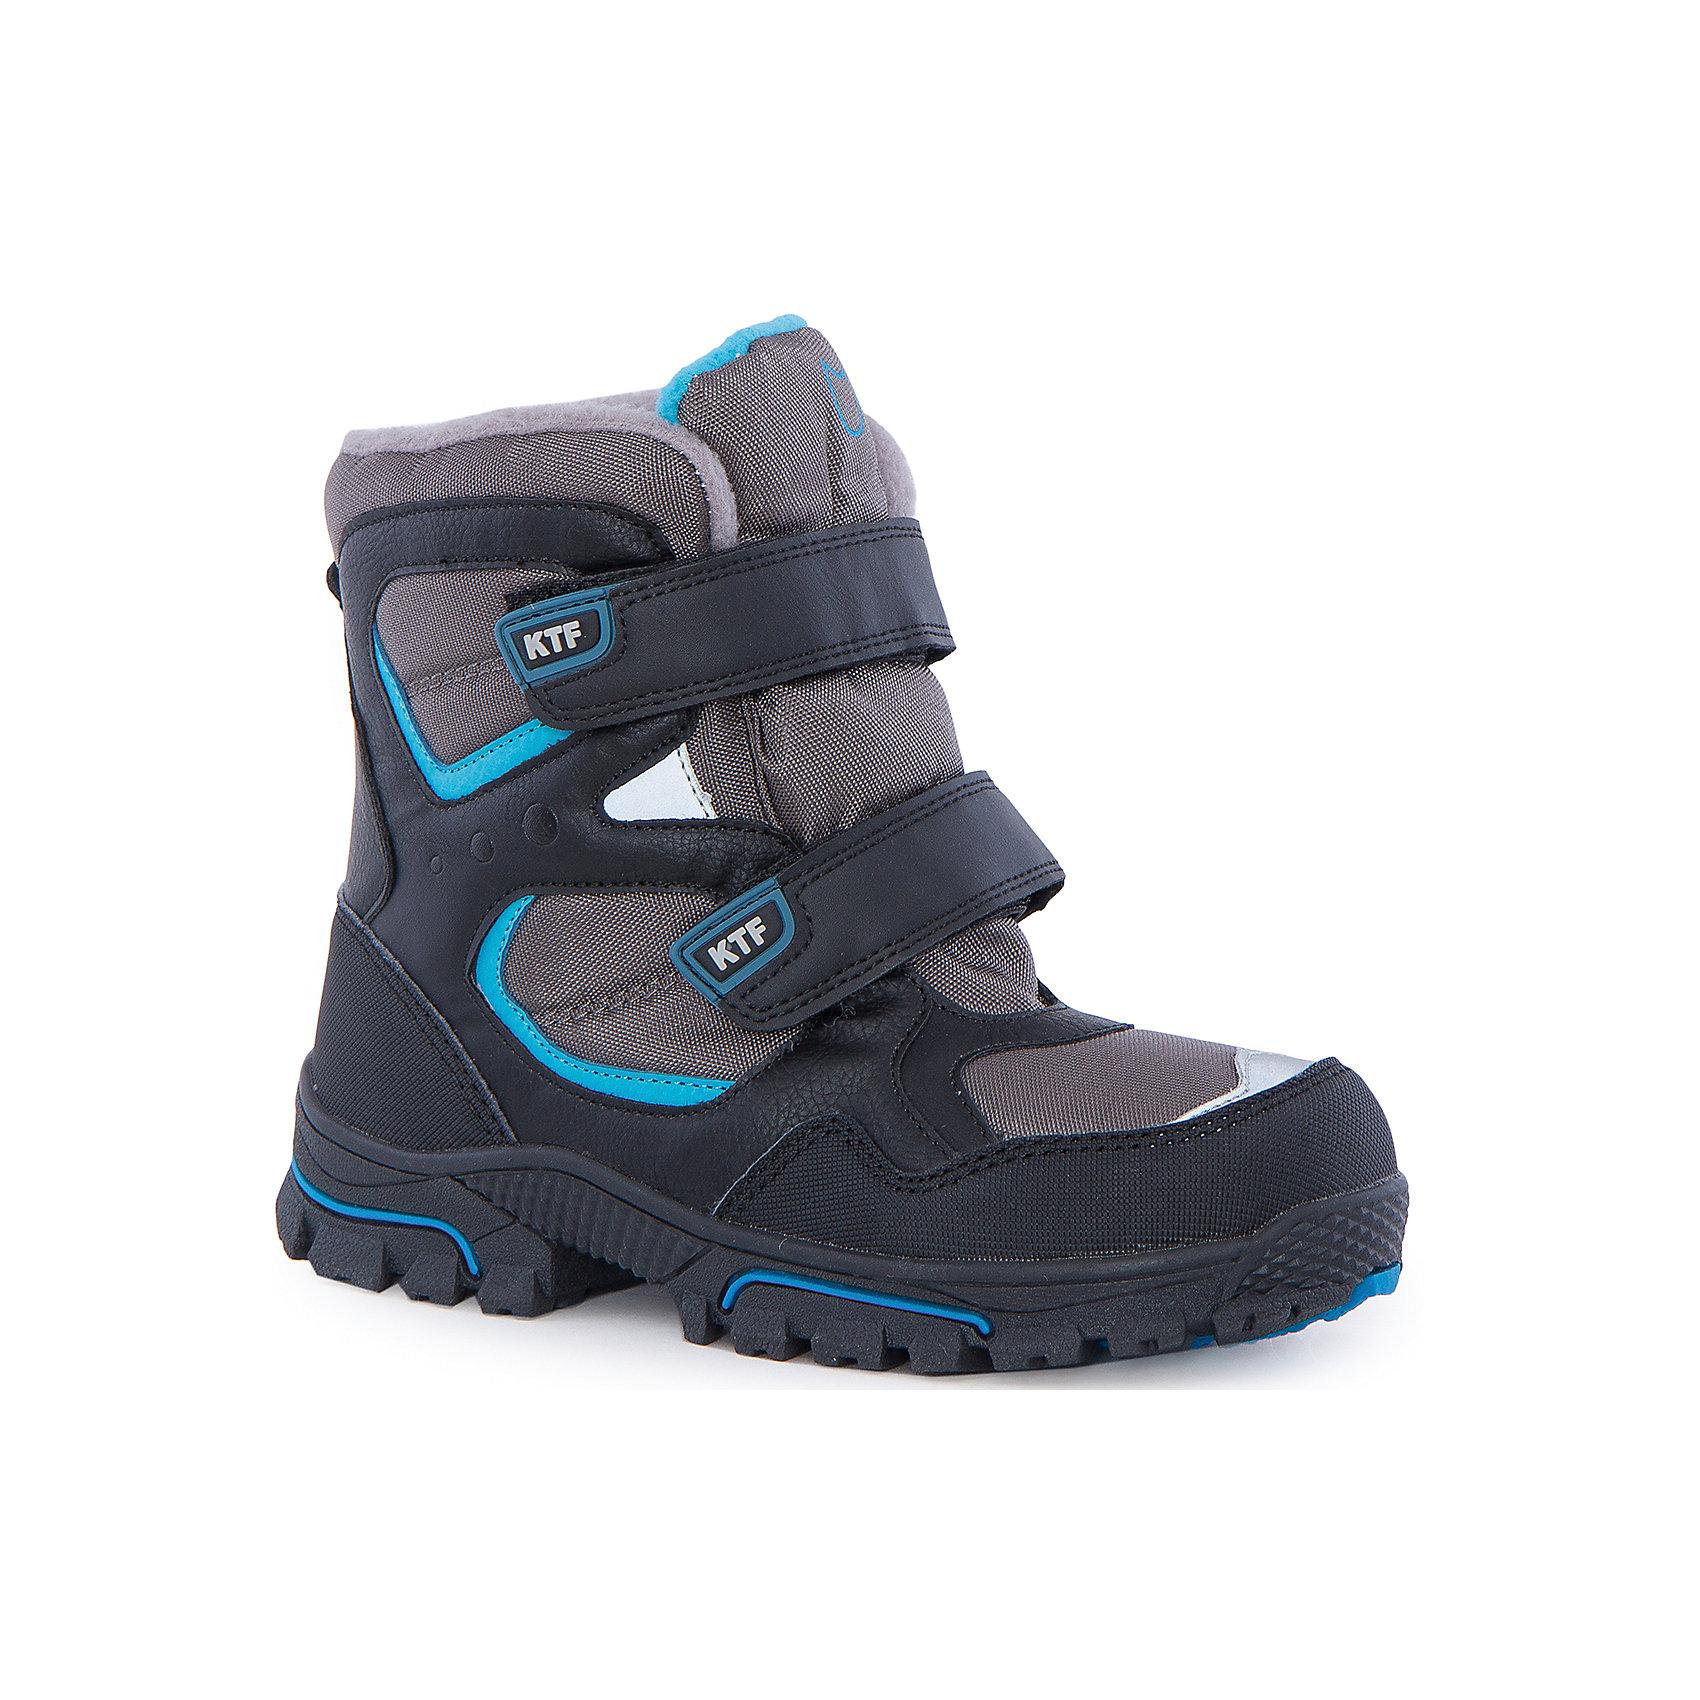 Ботинки  для мальчика КотофейБотинки<br>Ботинки  для мальчика Котофей.<br><br>Характеристики:<br><br>- Внешний материал: искусственная кожа, текстиль<br>- Внутренний материал: мех шерстяной<br>- Материал стельки: войлок<br>- Подошва: ТЭП<br>- Тип застежки: липучки<br>- Вид крепления обуви: литьевой<br>- Температурный режим до -20С<br>- Цвет: черный, серый, голубой<br>- Сезон: зима<br>- Пол: для мальчиков<br><br><br>Зимние ботинки торговой марки Котофей обеспечат вашему мальчику максимальный комфорт. Верх ботинок выполнен из комбинированных материалов со специальным износостойким и водостойким мембранным материалом, что позволит ножке всегда оставаться сухой. Подкладка - из натуральной шерсти, имеется дополнительная стелька из войлока, поэтому ножке в такой обуви тепло и уютно. Гибкая, широкая, литьевая подошва с рельефным протектором обеспечит превосходное сцепление с поверхностью, не скользит. Она выполнена из термоэластопласта (ТЭП) – пластичного материала, отлично амортизирующего при шаге и не теряющего своих свойств при понижении температур. Два ремня с липучками позволяют не только быстро обувать и снимать ботинки, но и обеспечивают плотное прилегание обуви к стопе. Детская обувь «Котофей» качественна, красива, добротна, комфортна и долговечна. Она производится на Егорьевской обувной фабрике. Жесткий контроль производства и постоянное совершенствование технологий при многолетнем опыте позволяют считать компанию одним из лидеров среди отечественных производителей детской обуви.<br><br>Ботинки  для мальчика Котофей можно купить в нашем интернет-магазине.<br><br>Ширина мм: 262<br>Глубина мм: 176<br>Высота мм: 97<br>Вес г: 427<br>Цвет: разноцветный<br>Возраст от месяцев: 84<br>Возраст до месяцев: 96<br>Пол: Мужской<br>Возраст: Детский<br>Размер: 31,37,32,33,34,35,36<br>SKU: 5087263